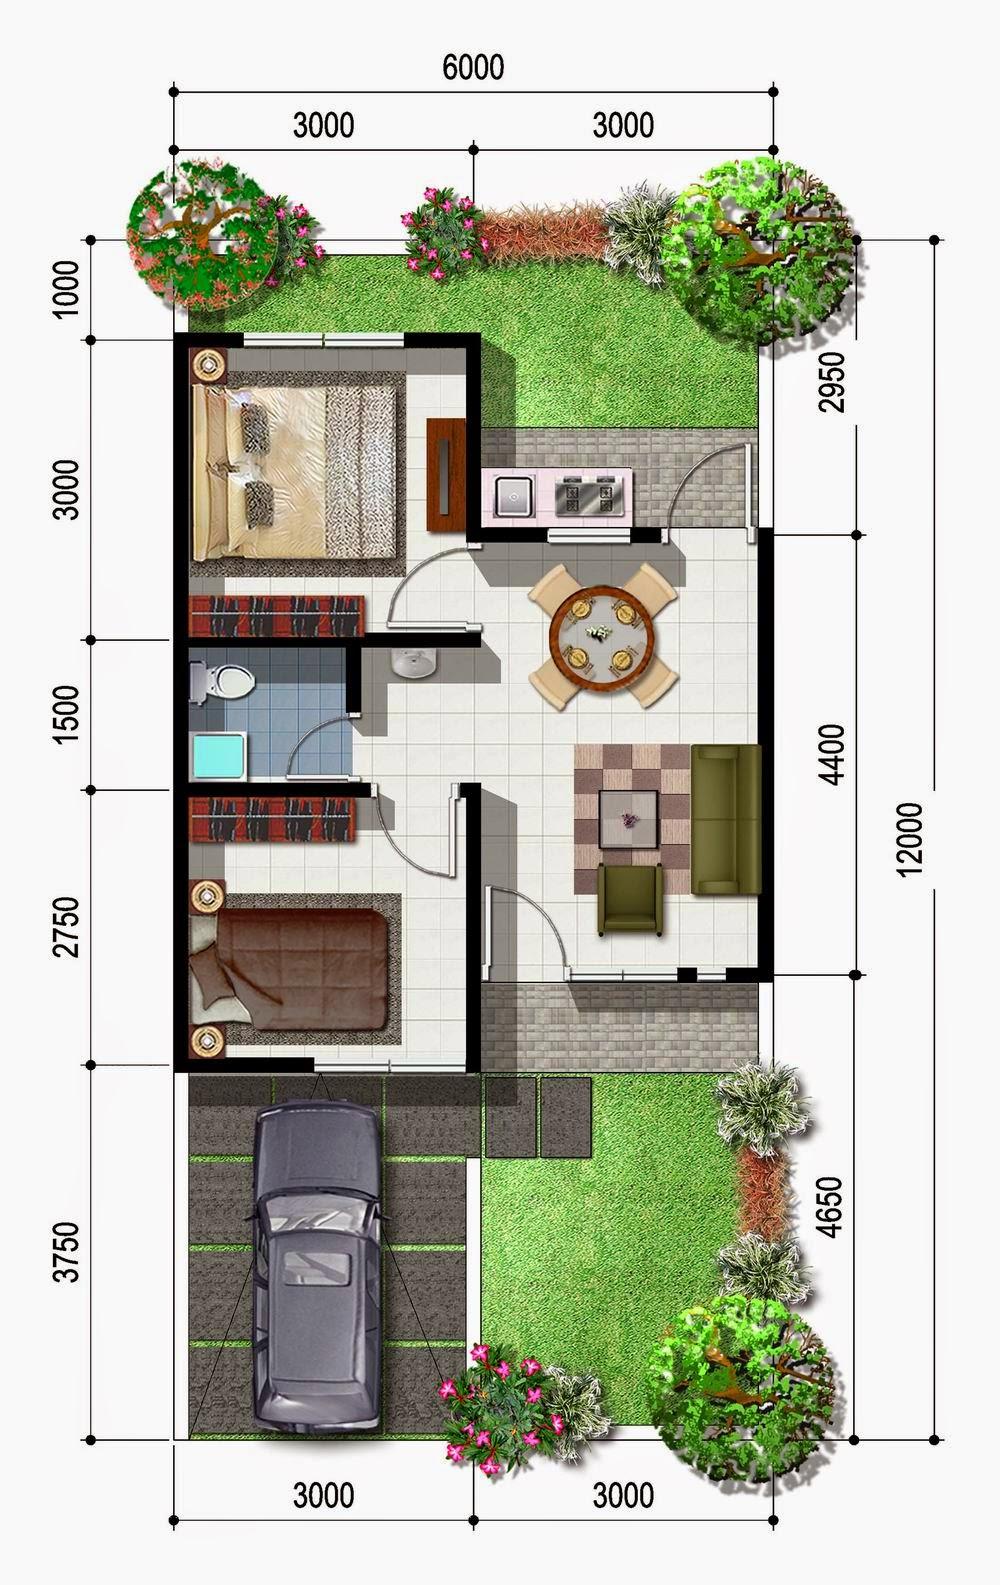 101 Denah Rumah Minimalis Halaman Luas  Gambar Desain